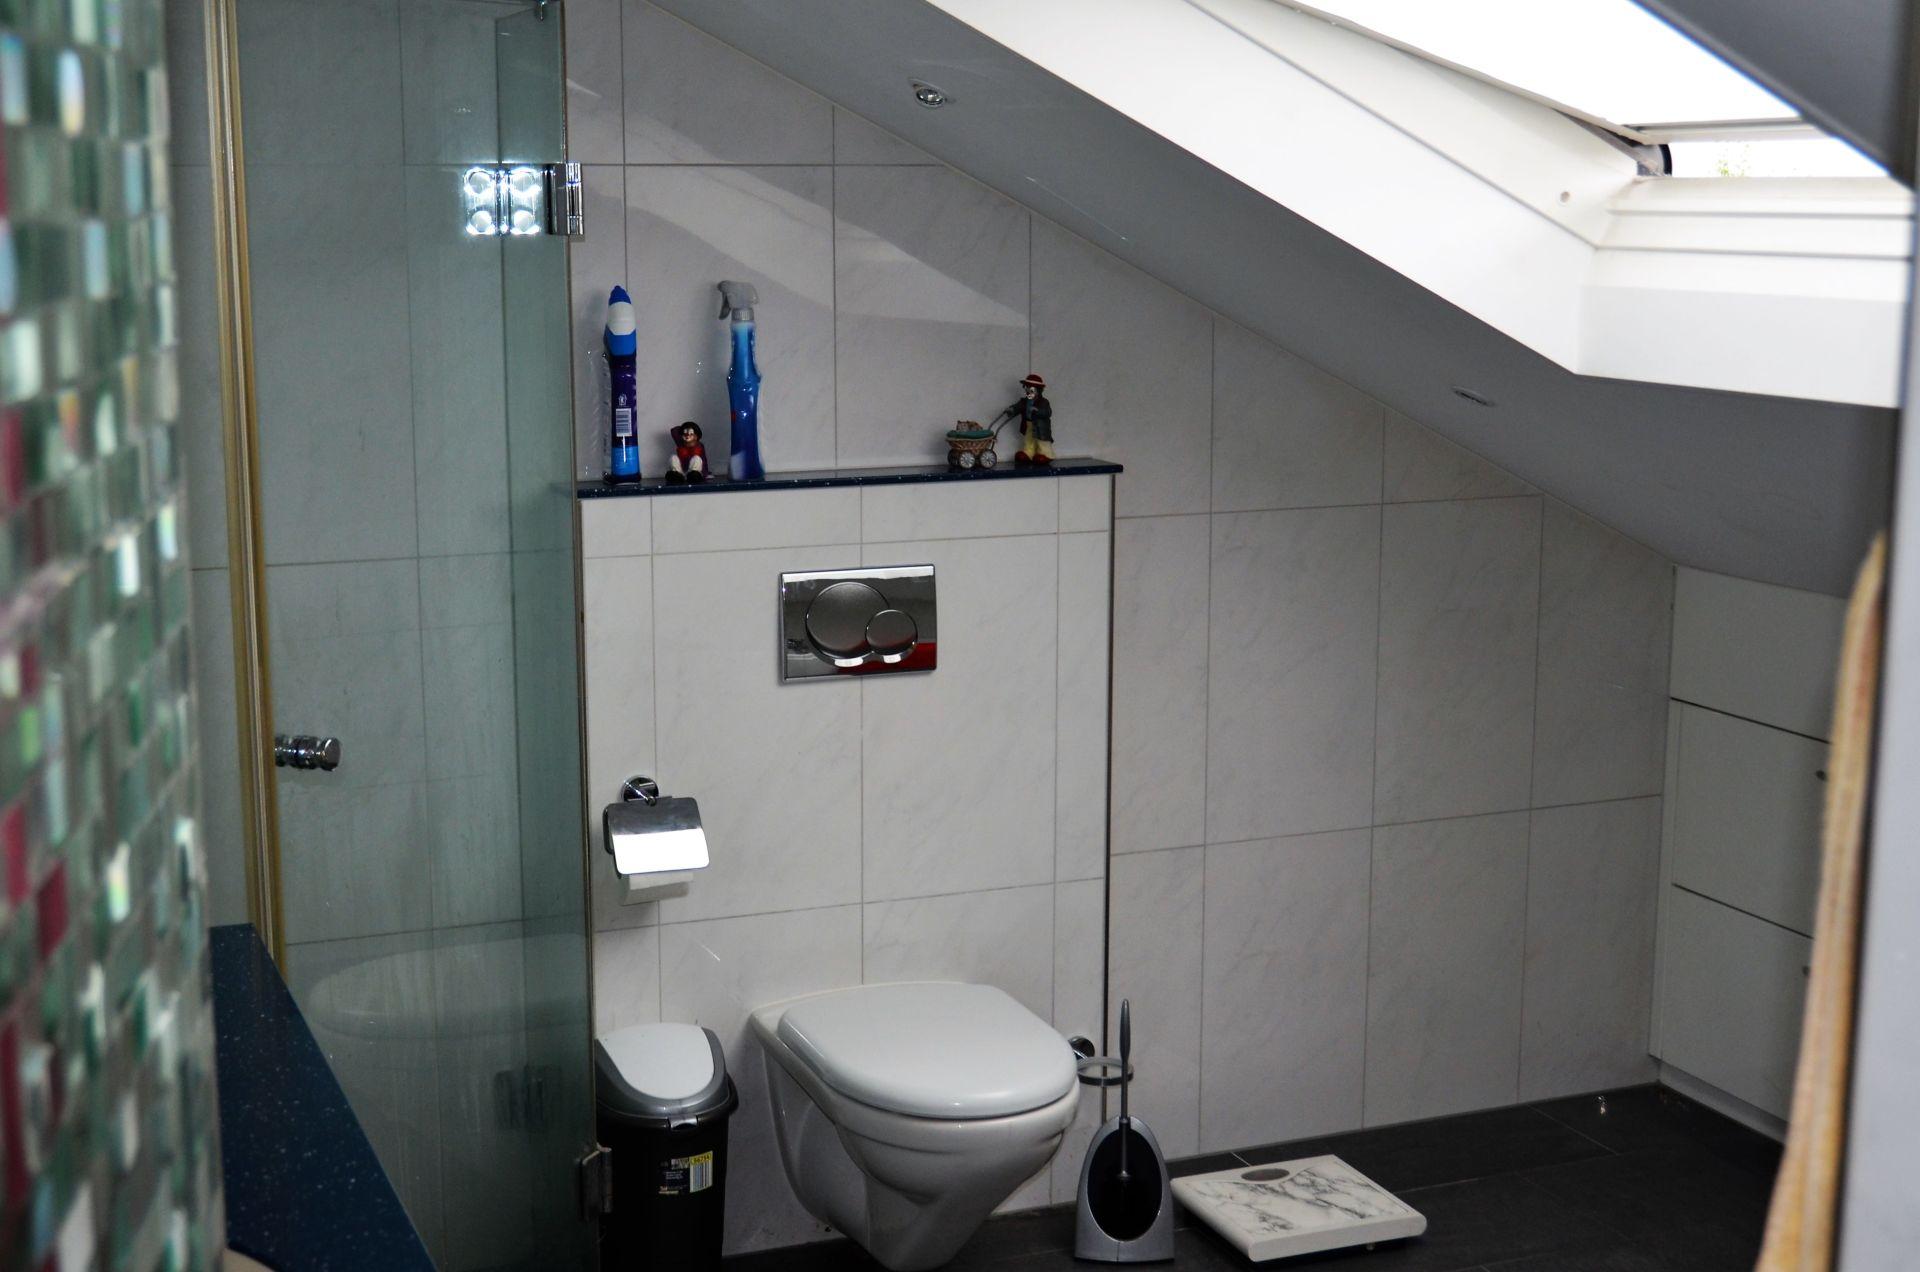 Badezimmer mit Eckwanne, Doppellavabo, Dusche und WC